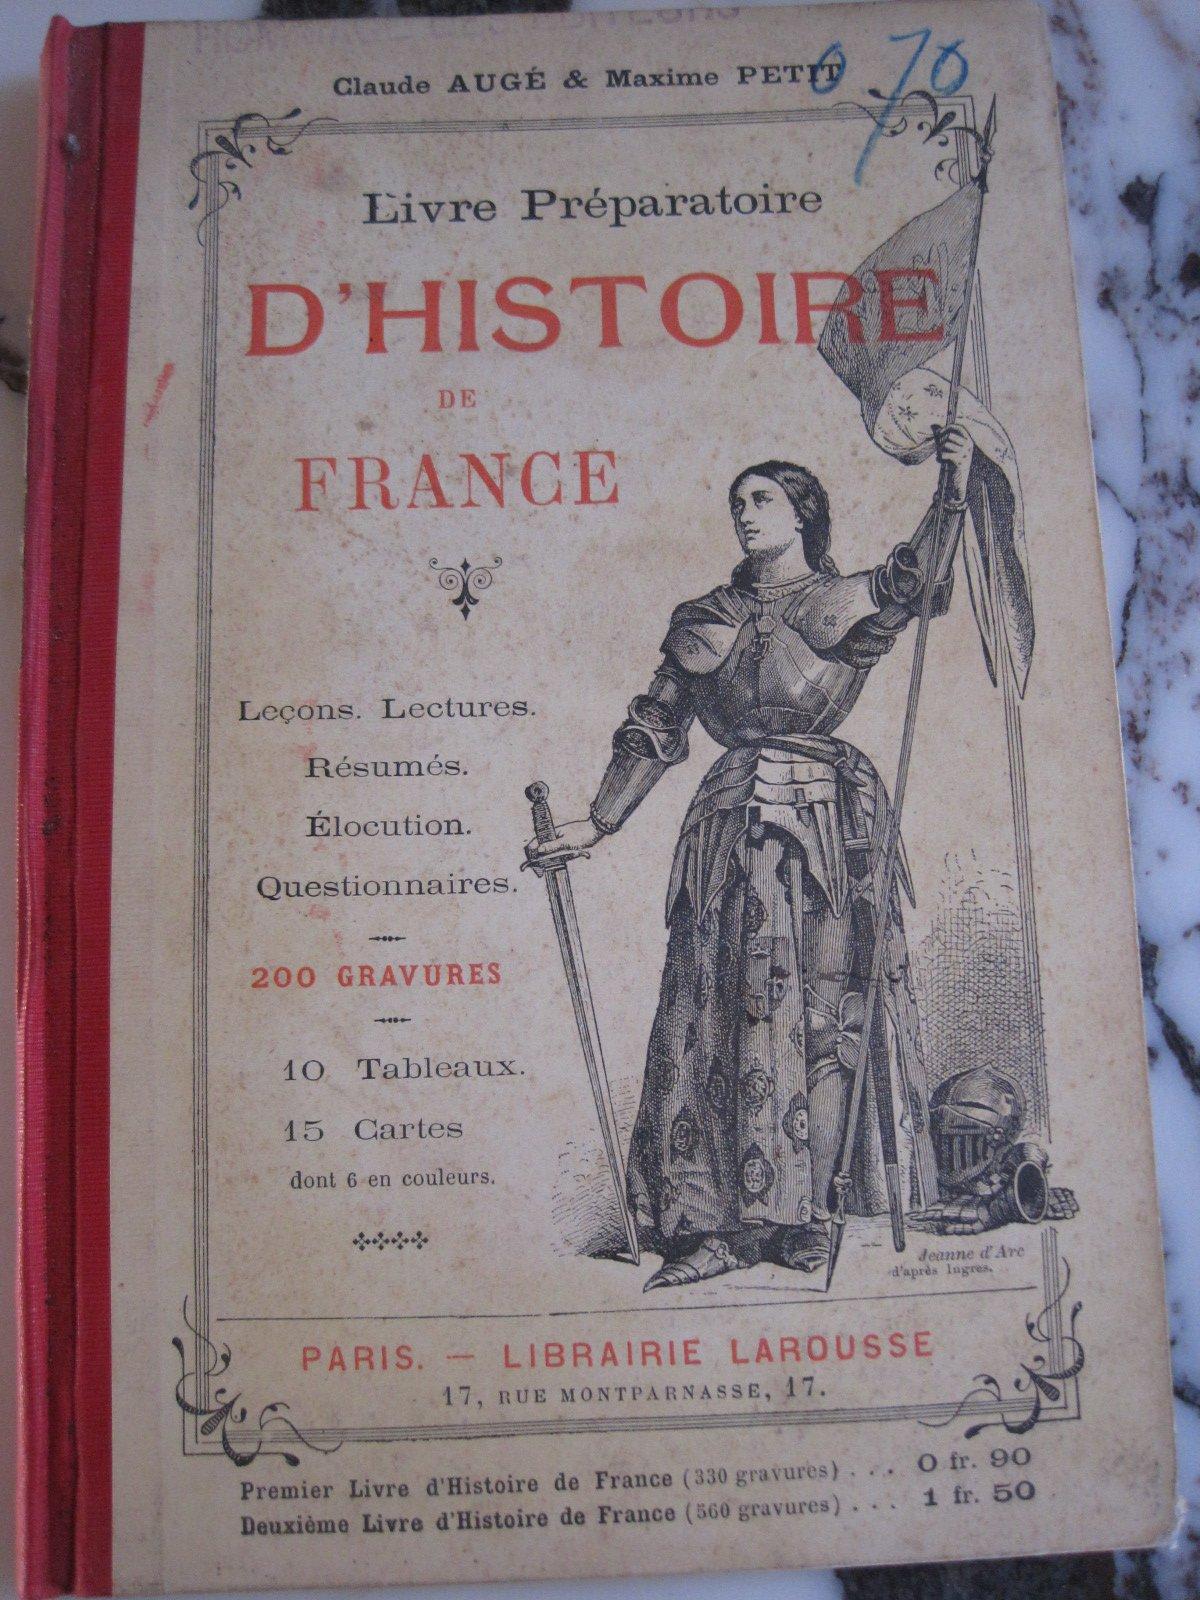 Amazon Fr Livre Preparatoire D Histoire De France Par